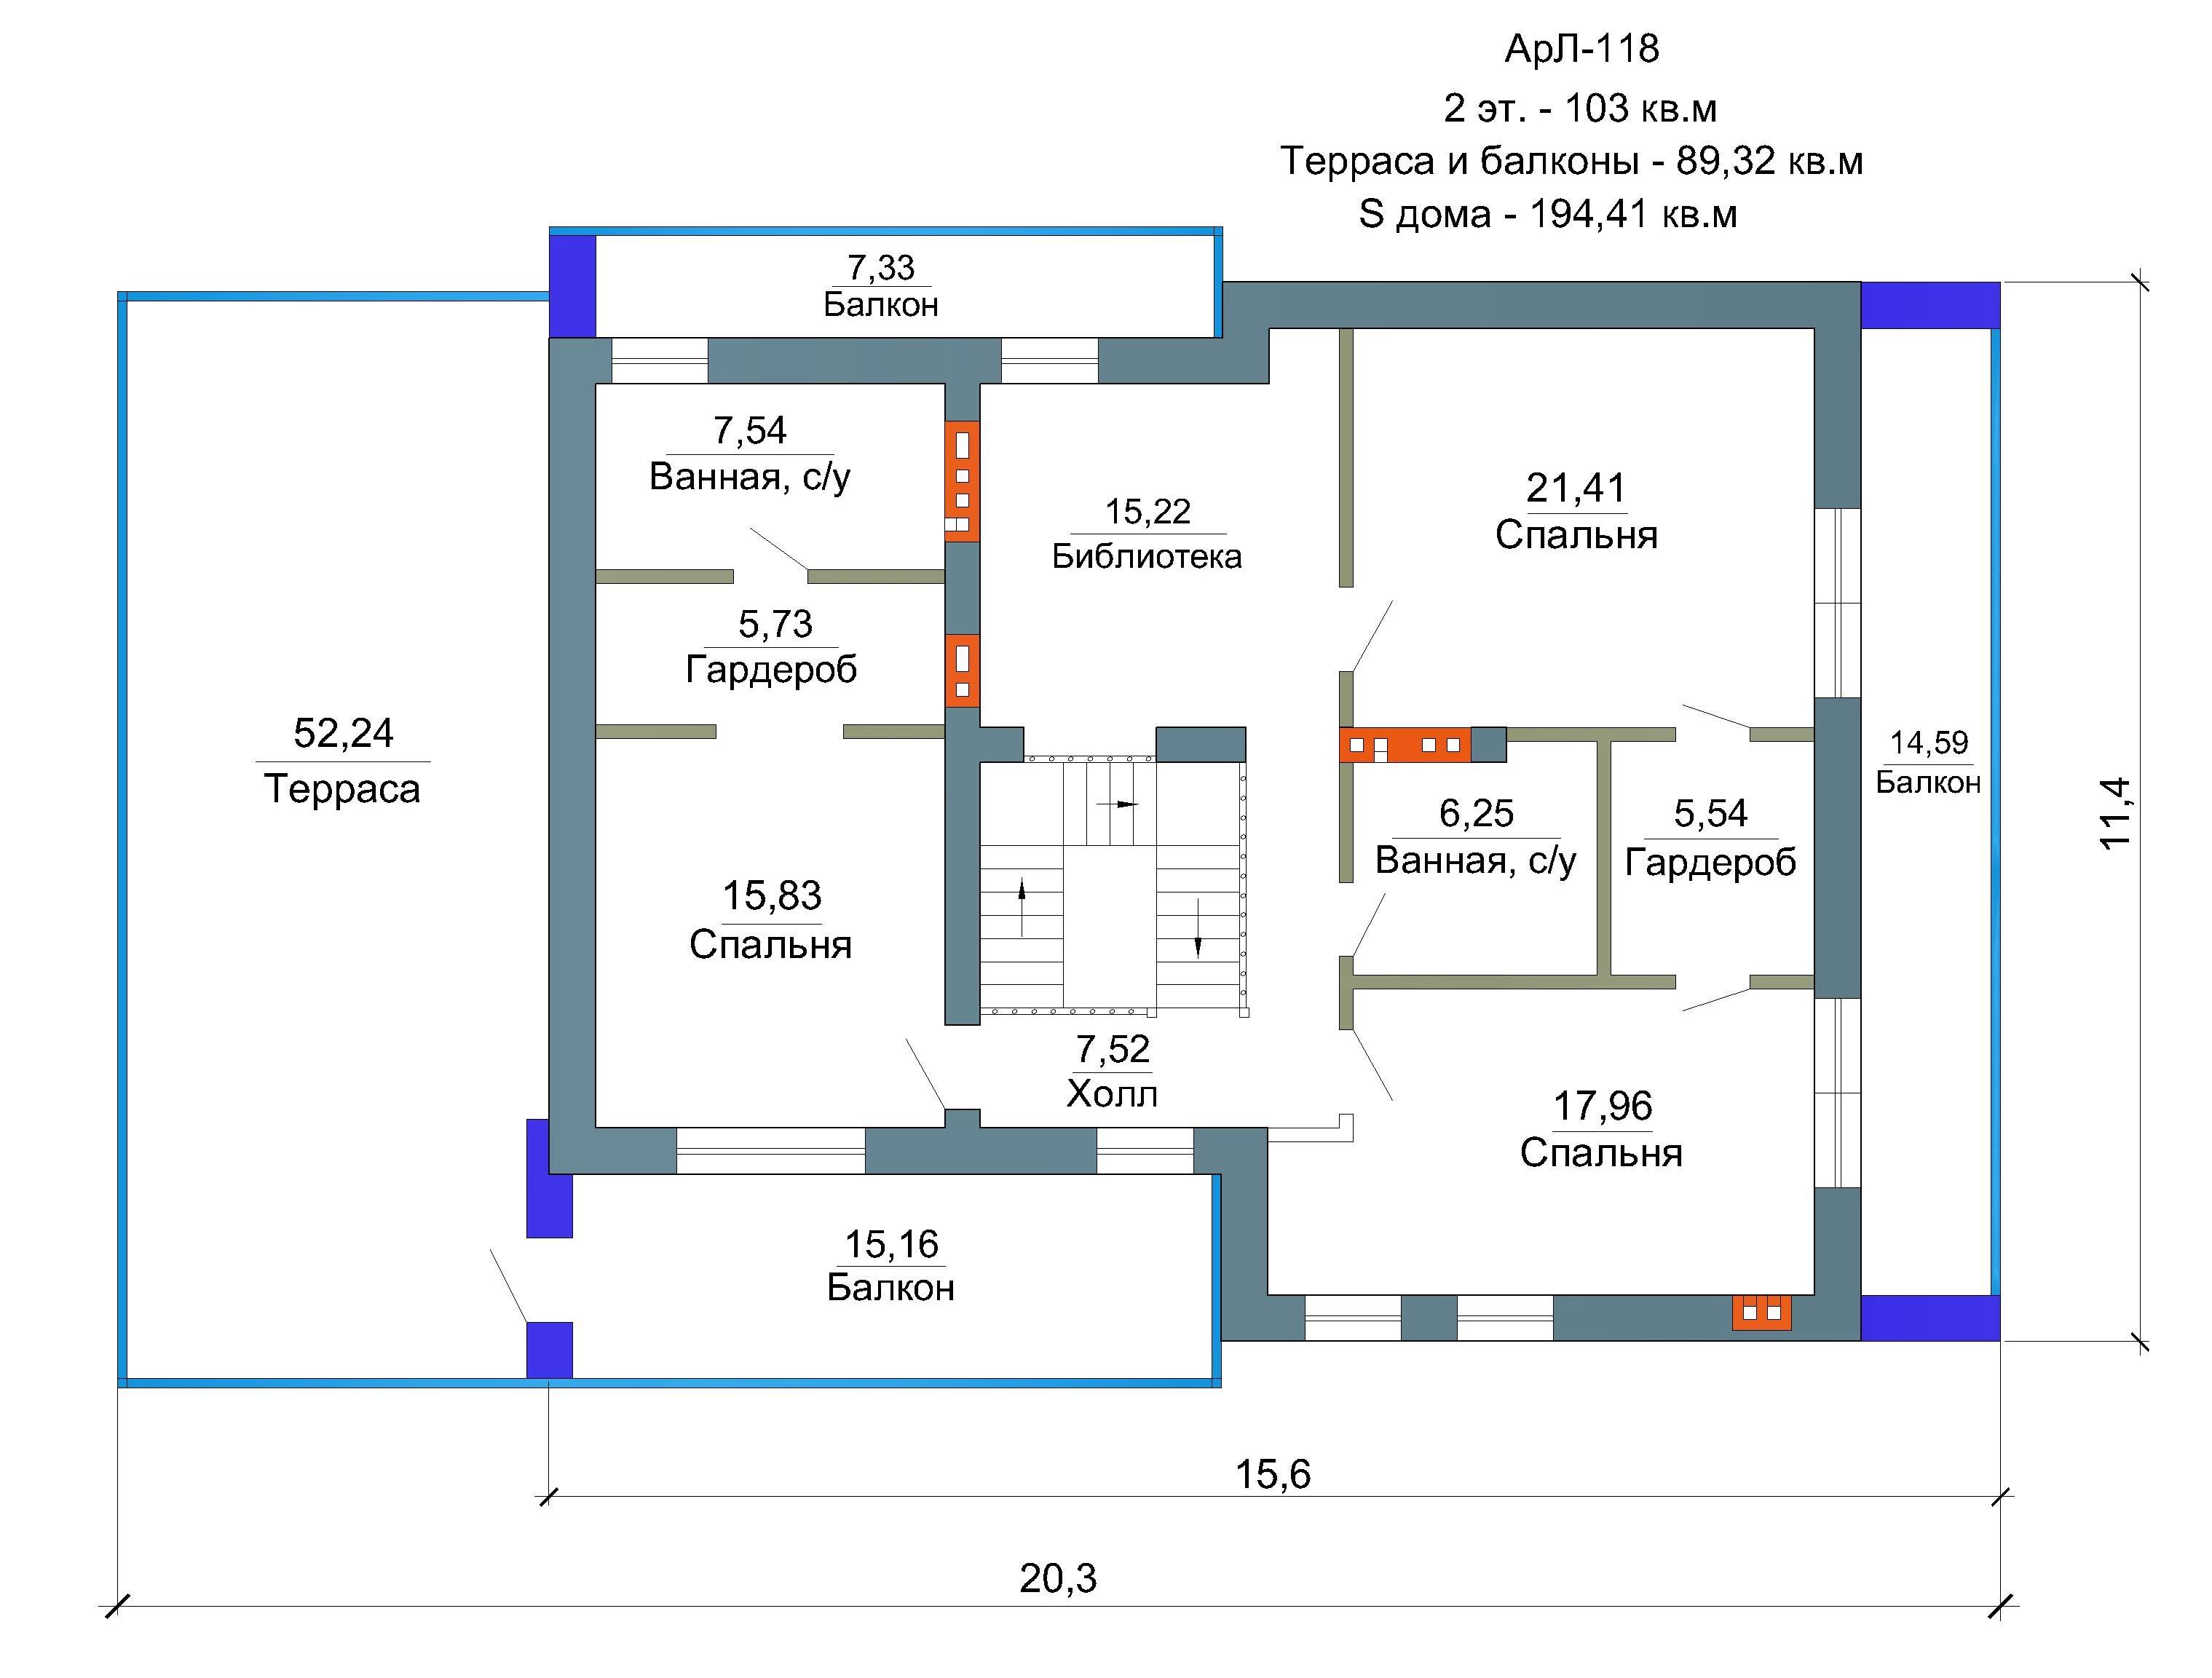 Проект дома 194 кв.м // Артикул АрЛ-118 план